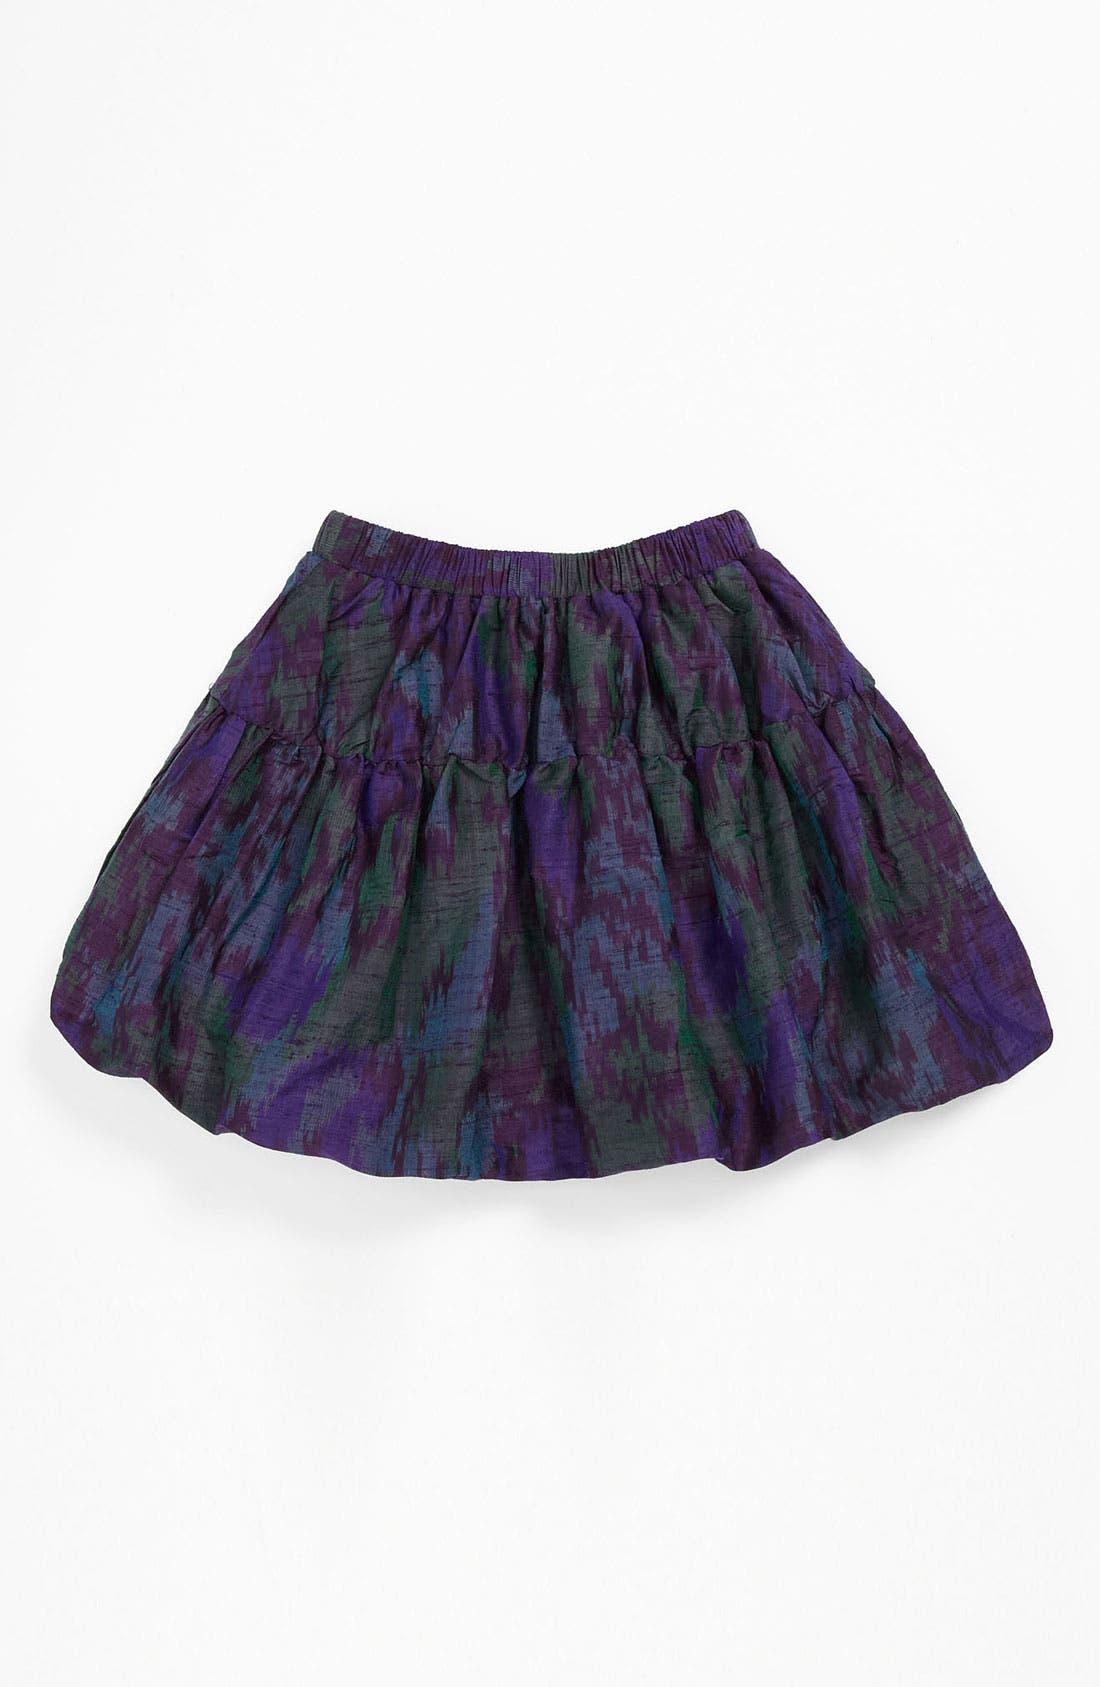 Alternate Image 1 Selected - Peek 'Olivia' Skirt (Toddler, Little Girls & Big Girls)